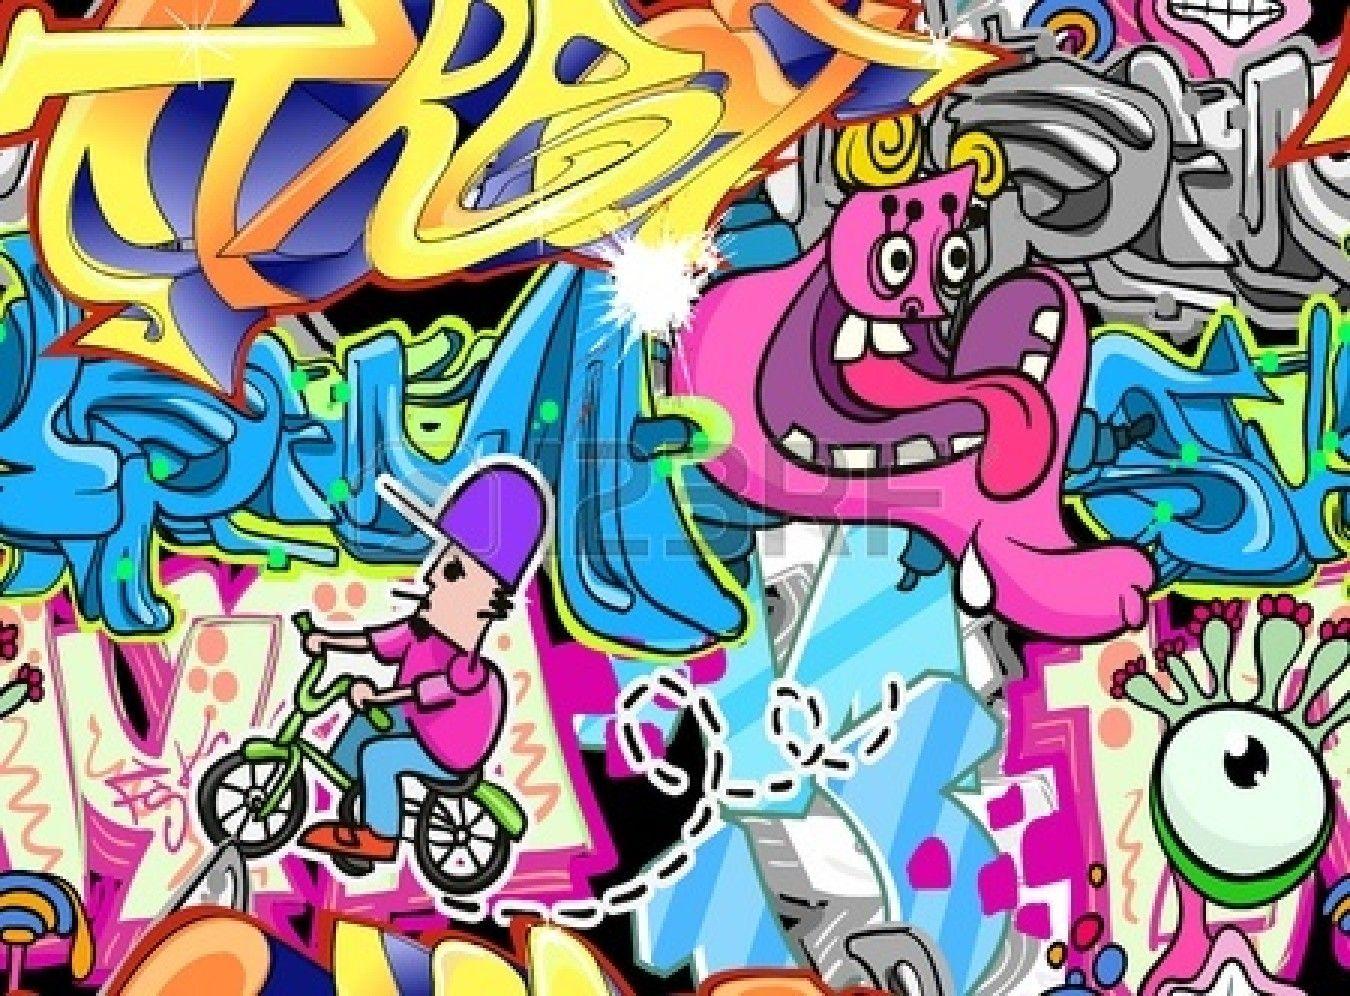 Graffiti wall tattoo - Graffiti Wall Urban Art Seamless Background